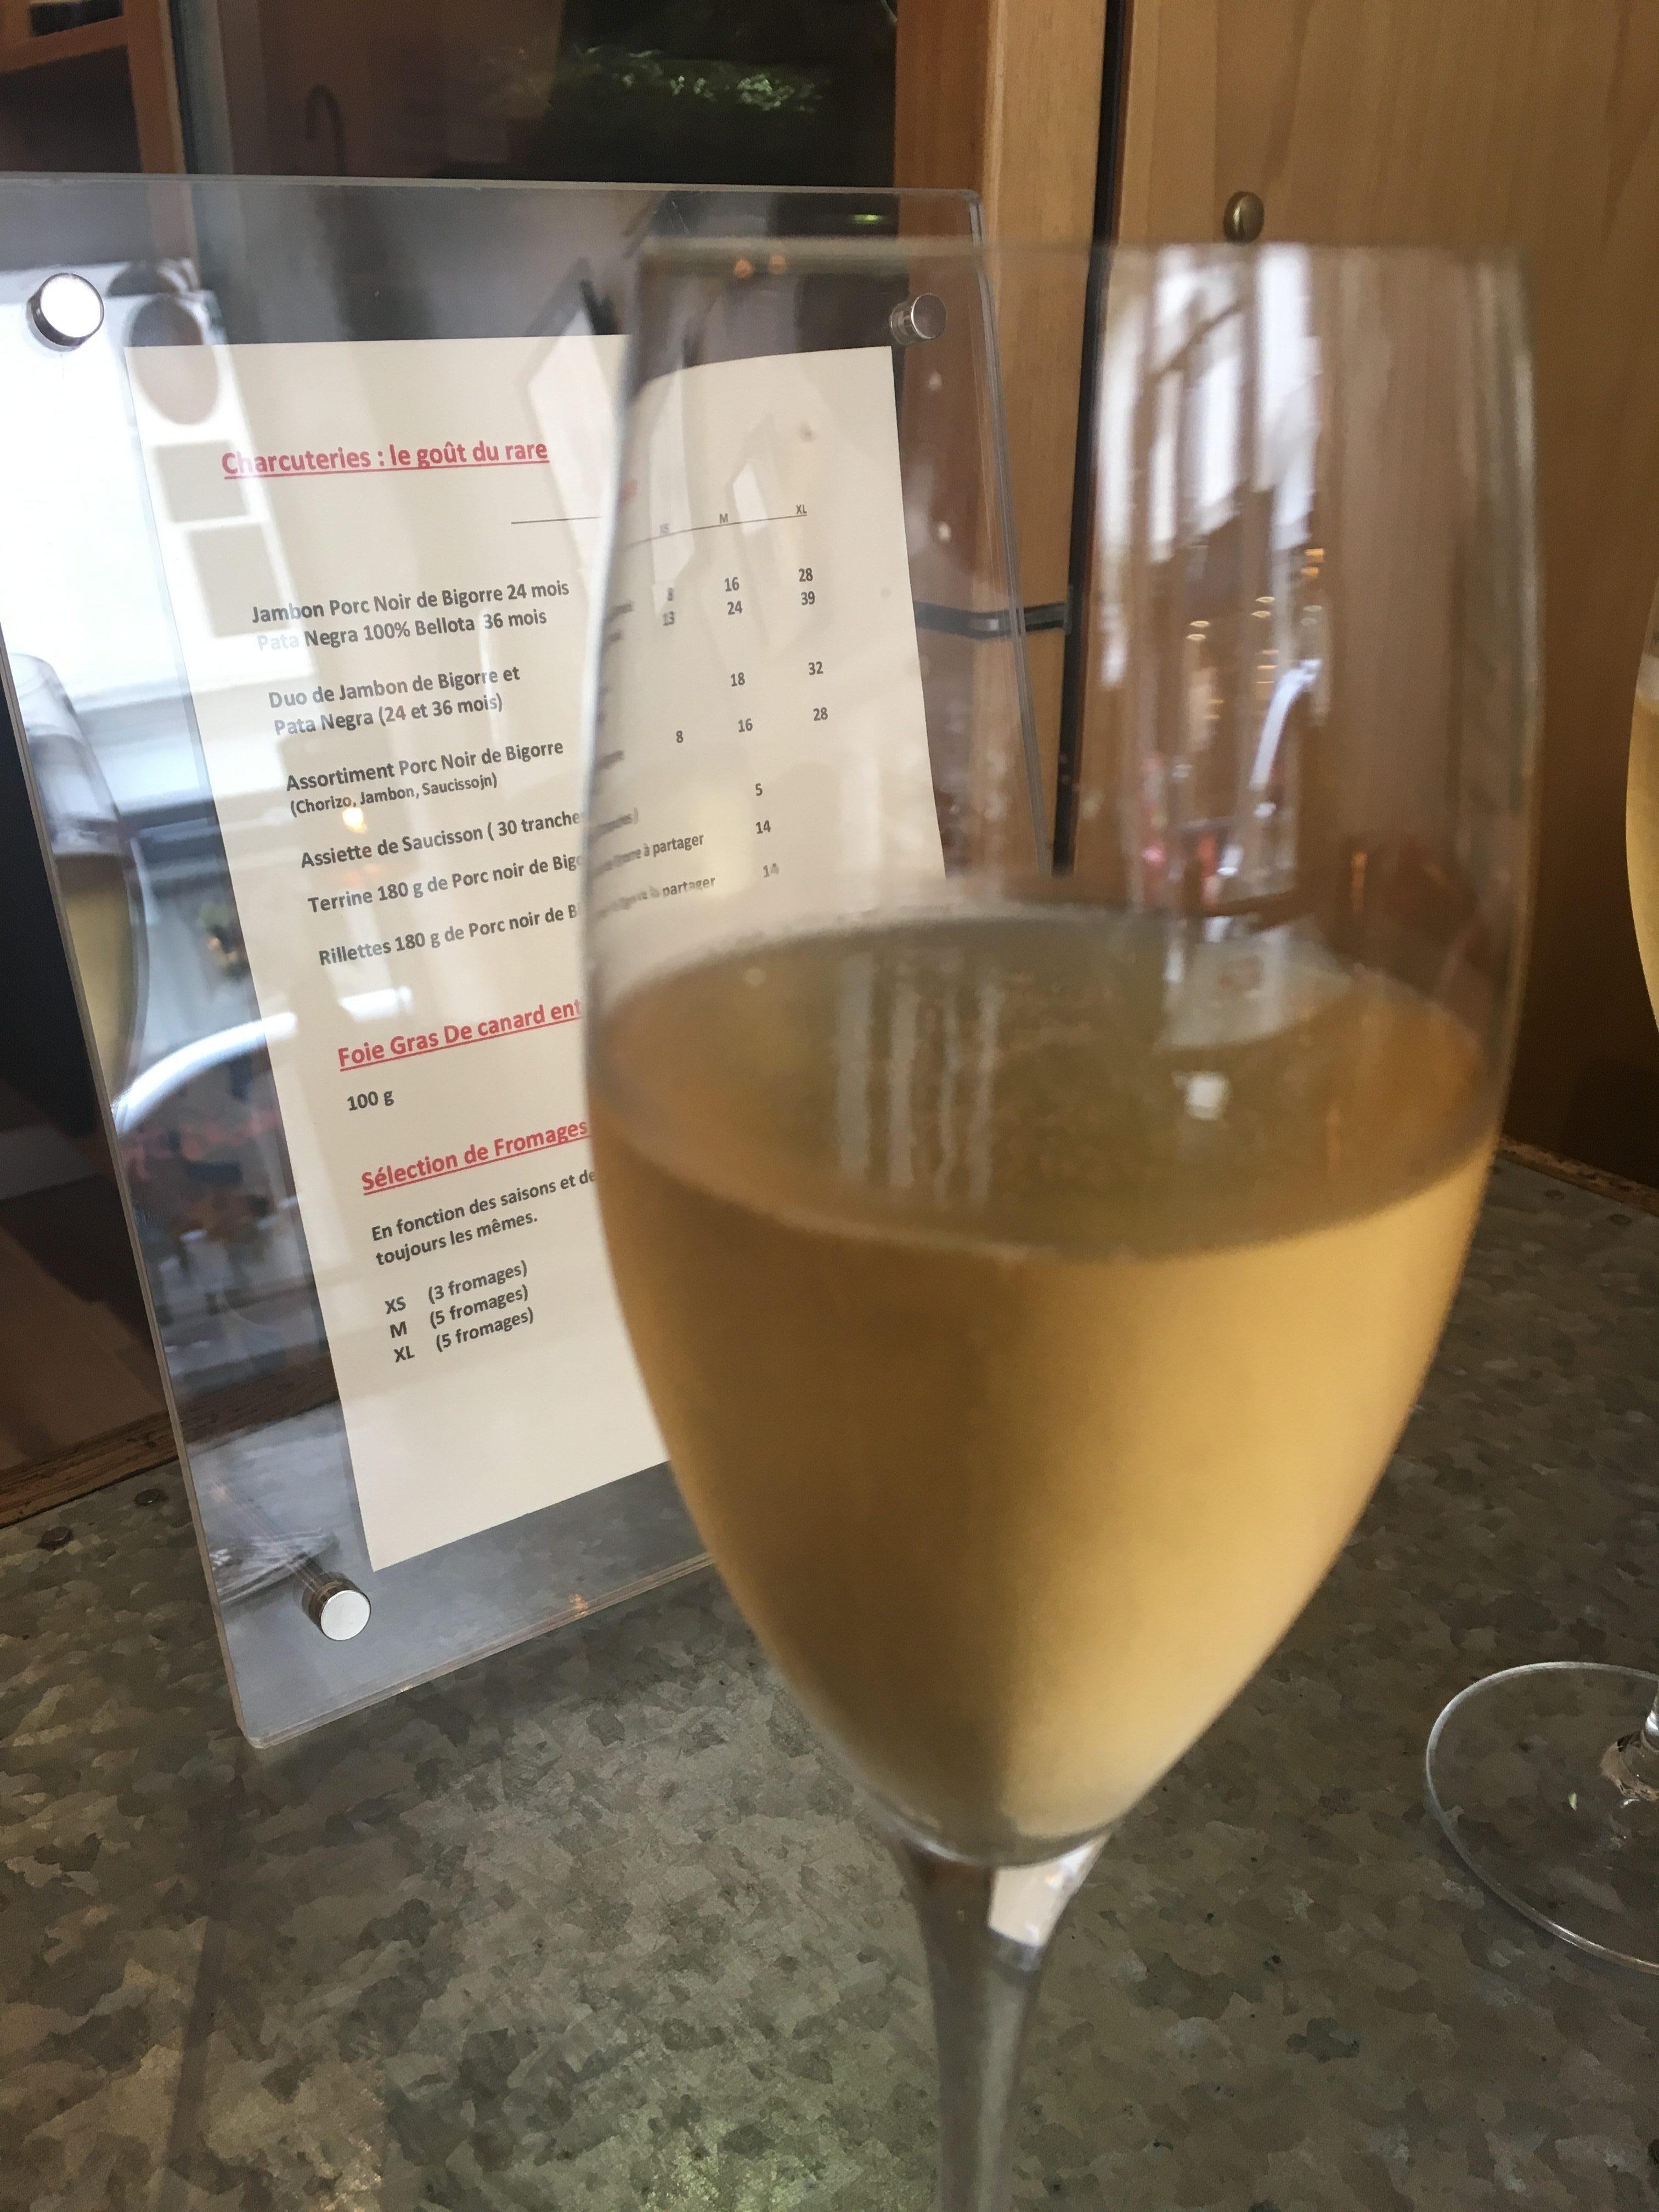 My Local Wine Bar: Les Agapes de Nina